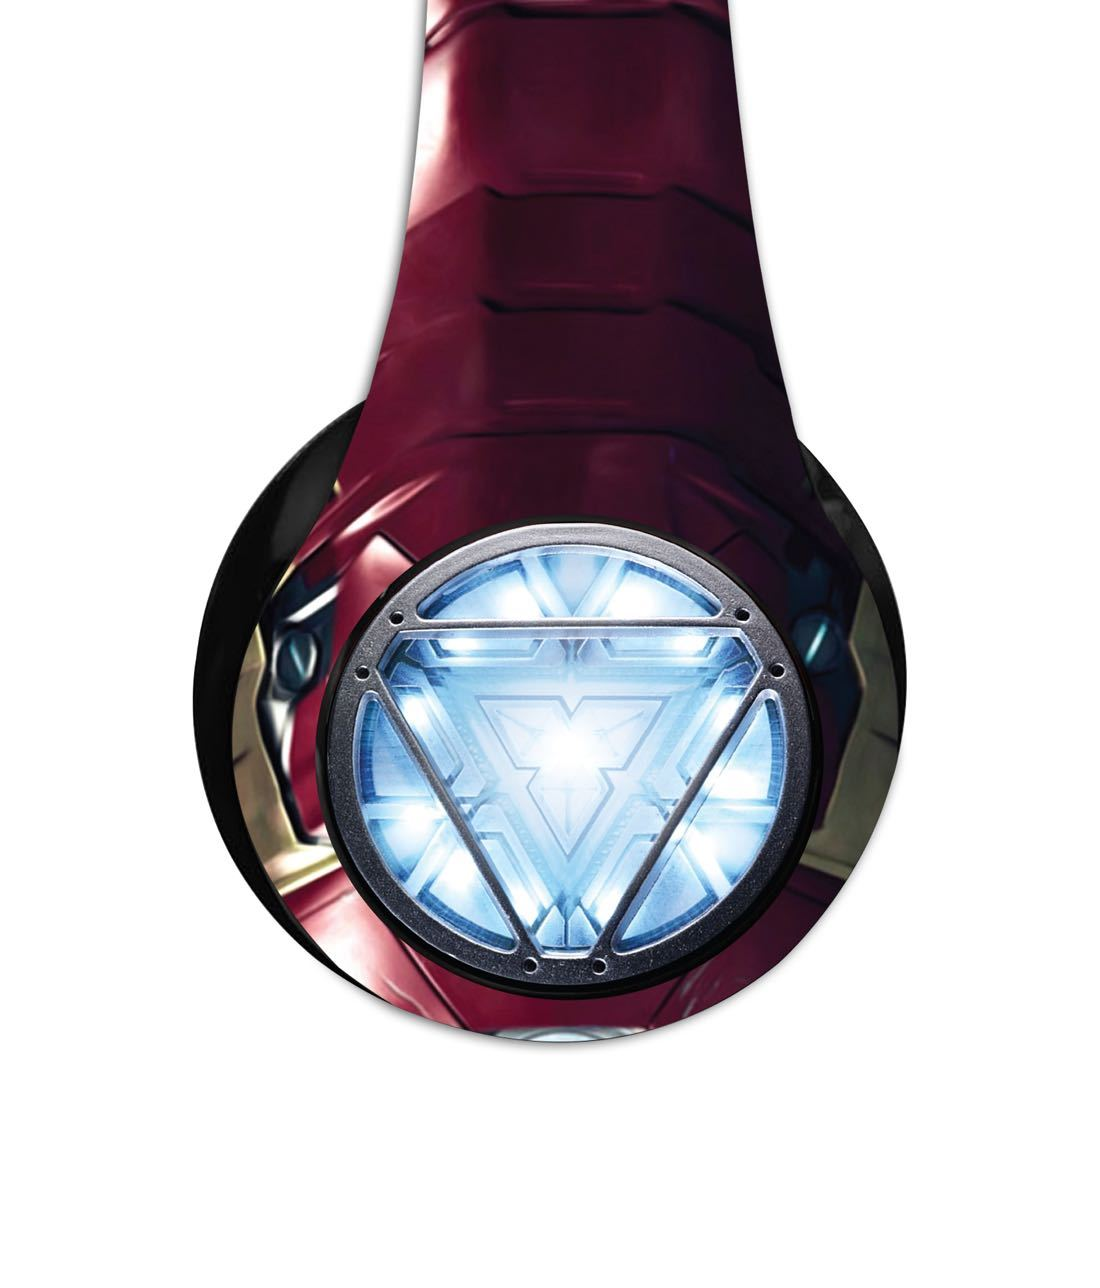 Suit up Ironman - Decibel Wireless On Ear Headphones